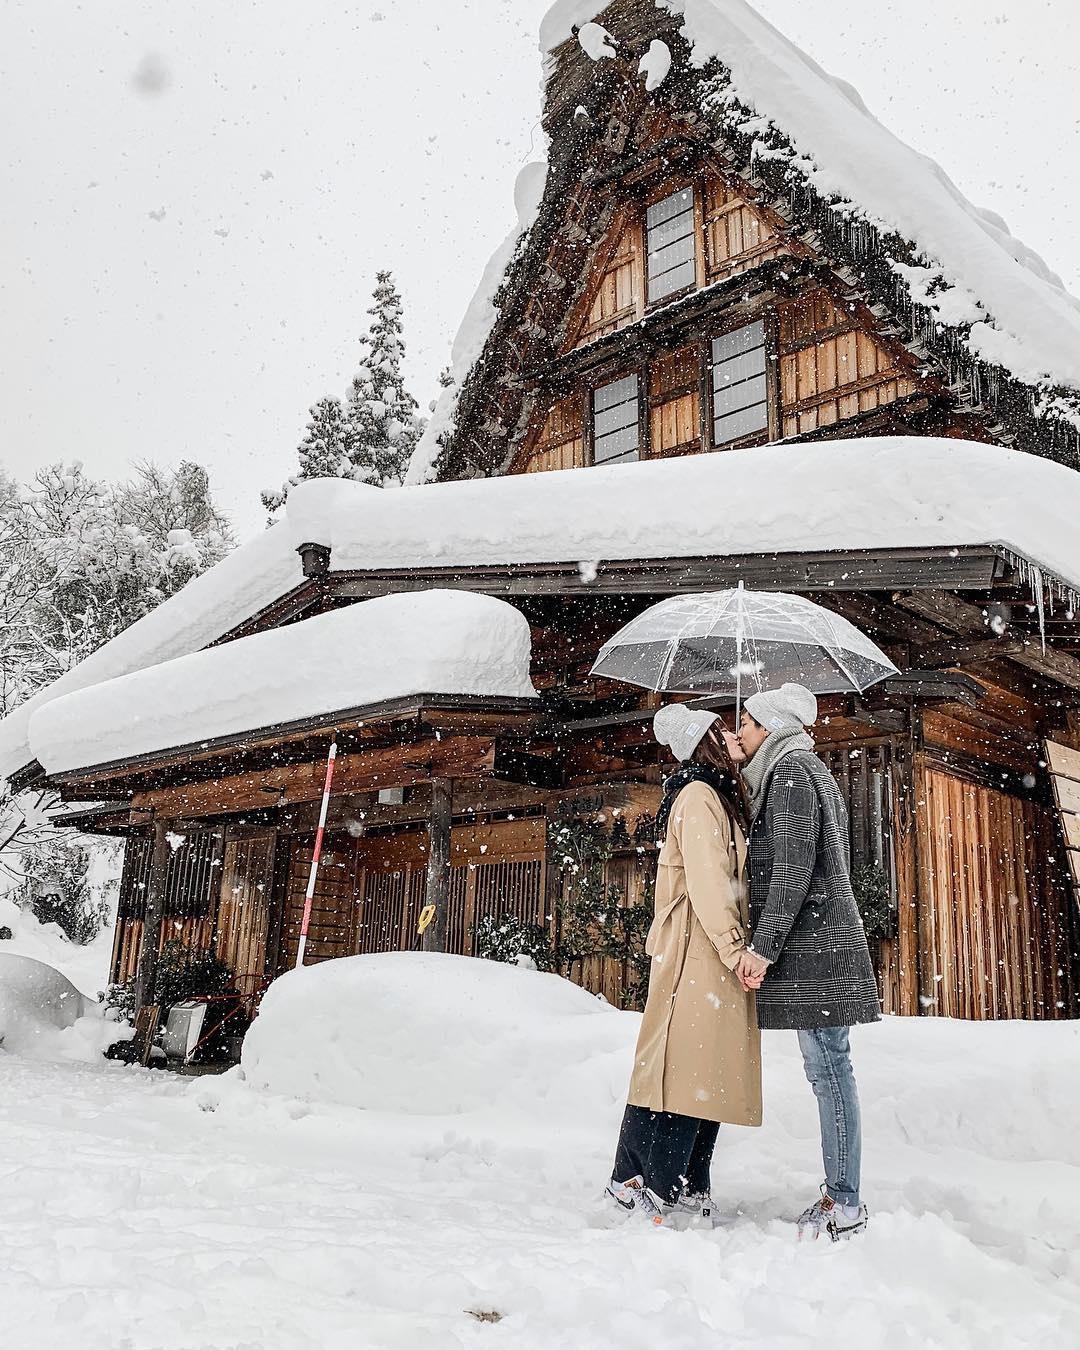 Giới trẻ say sưa tạo dáng với tuyết ở làng cổ tích Nhật Bản - ảnh 10